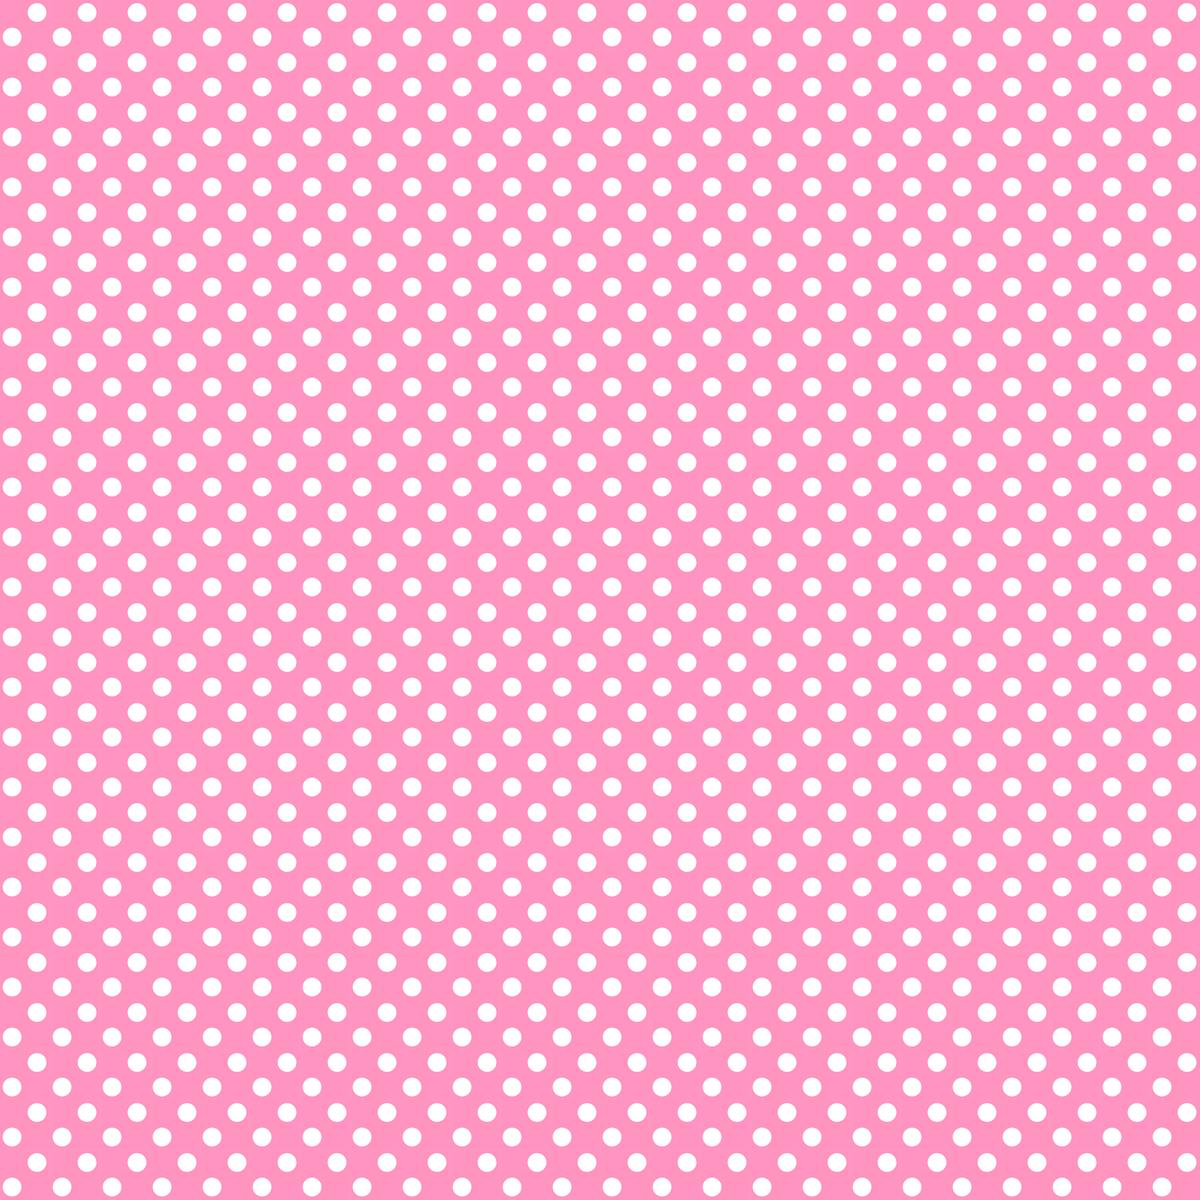 Pink Polka Dot Patterns Light Pink Polk...